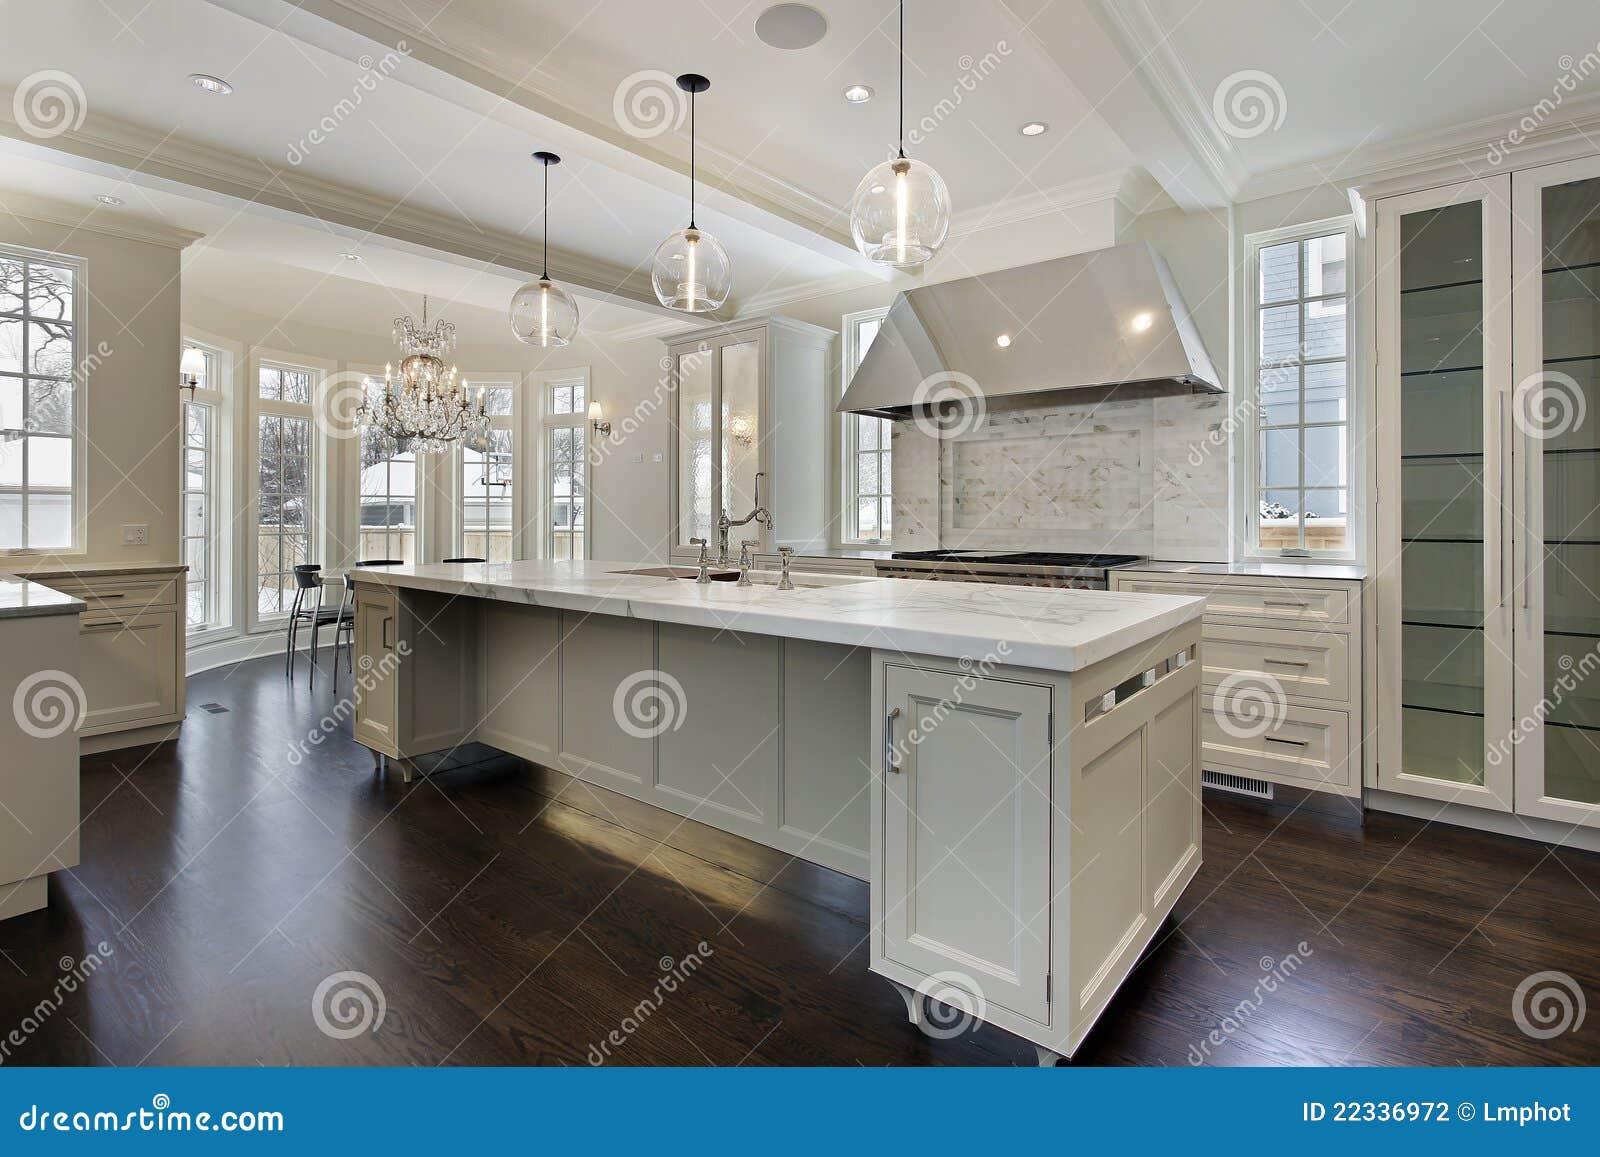 Cuisine moderne dans la maison de construction neuve - Cuisine moderne dans l ancien ...